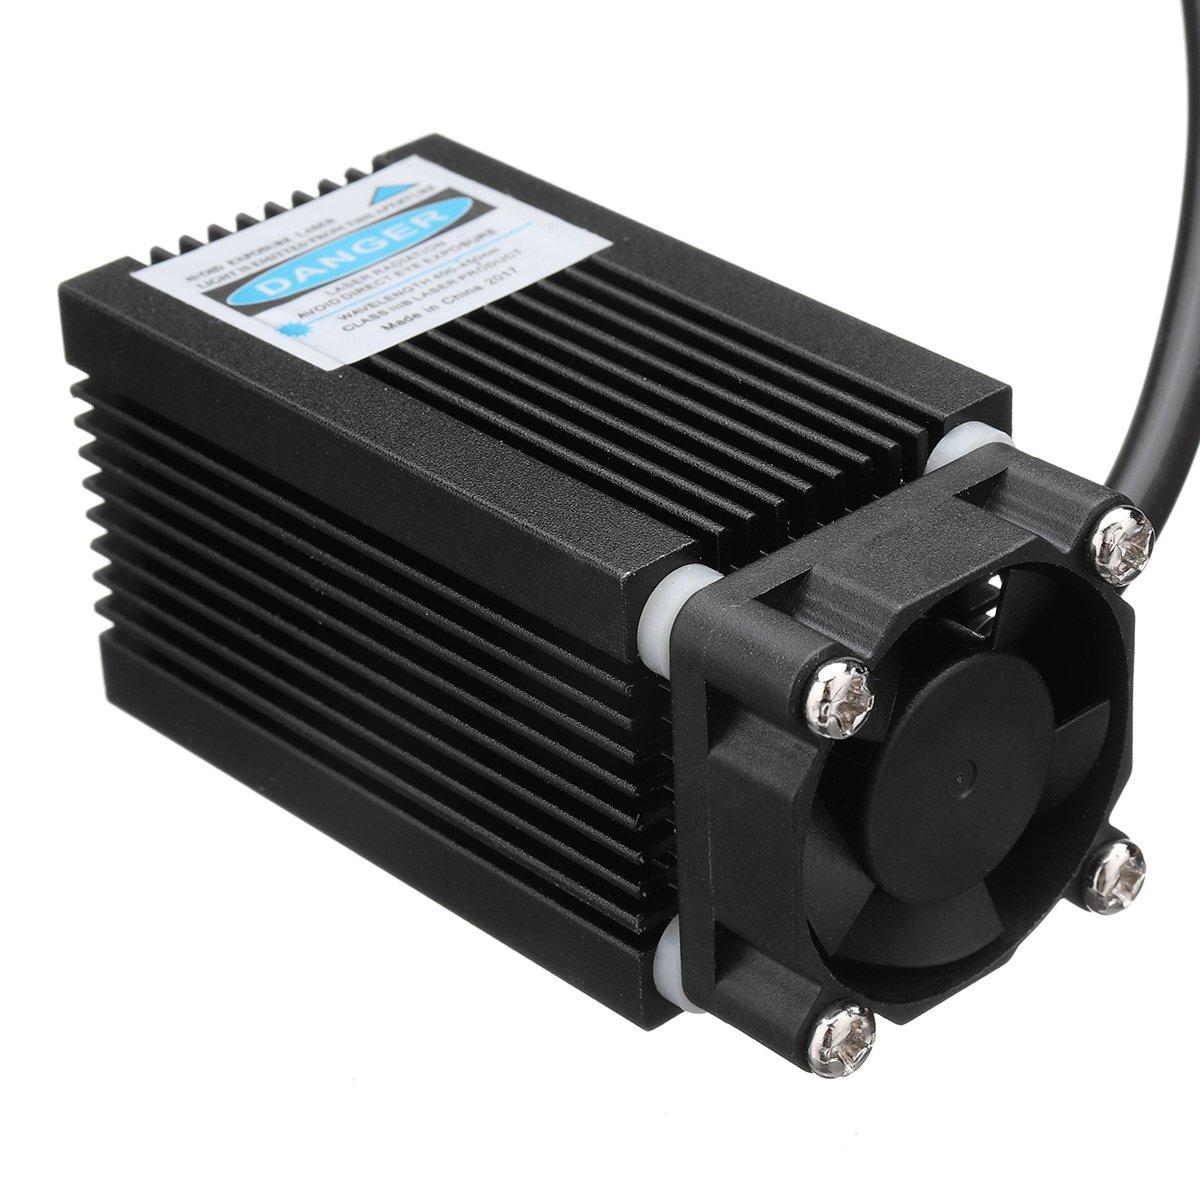 ZREAL Juego de cabezales para grabado a luz azul Violetta 12/V con madera para CR-10/cr-10s accesorios para impresoras 3d